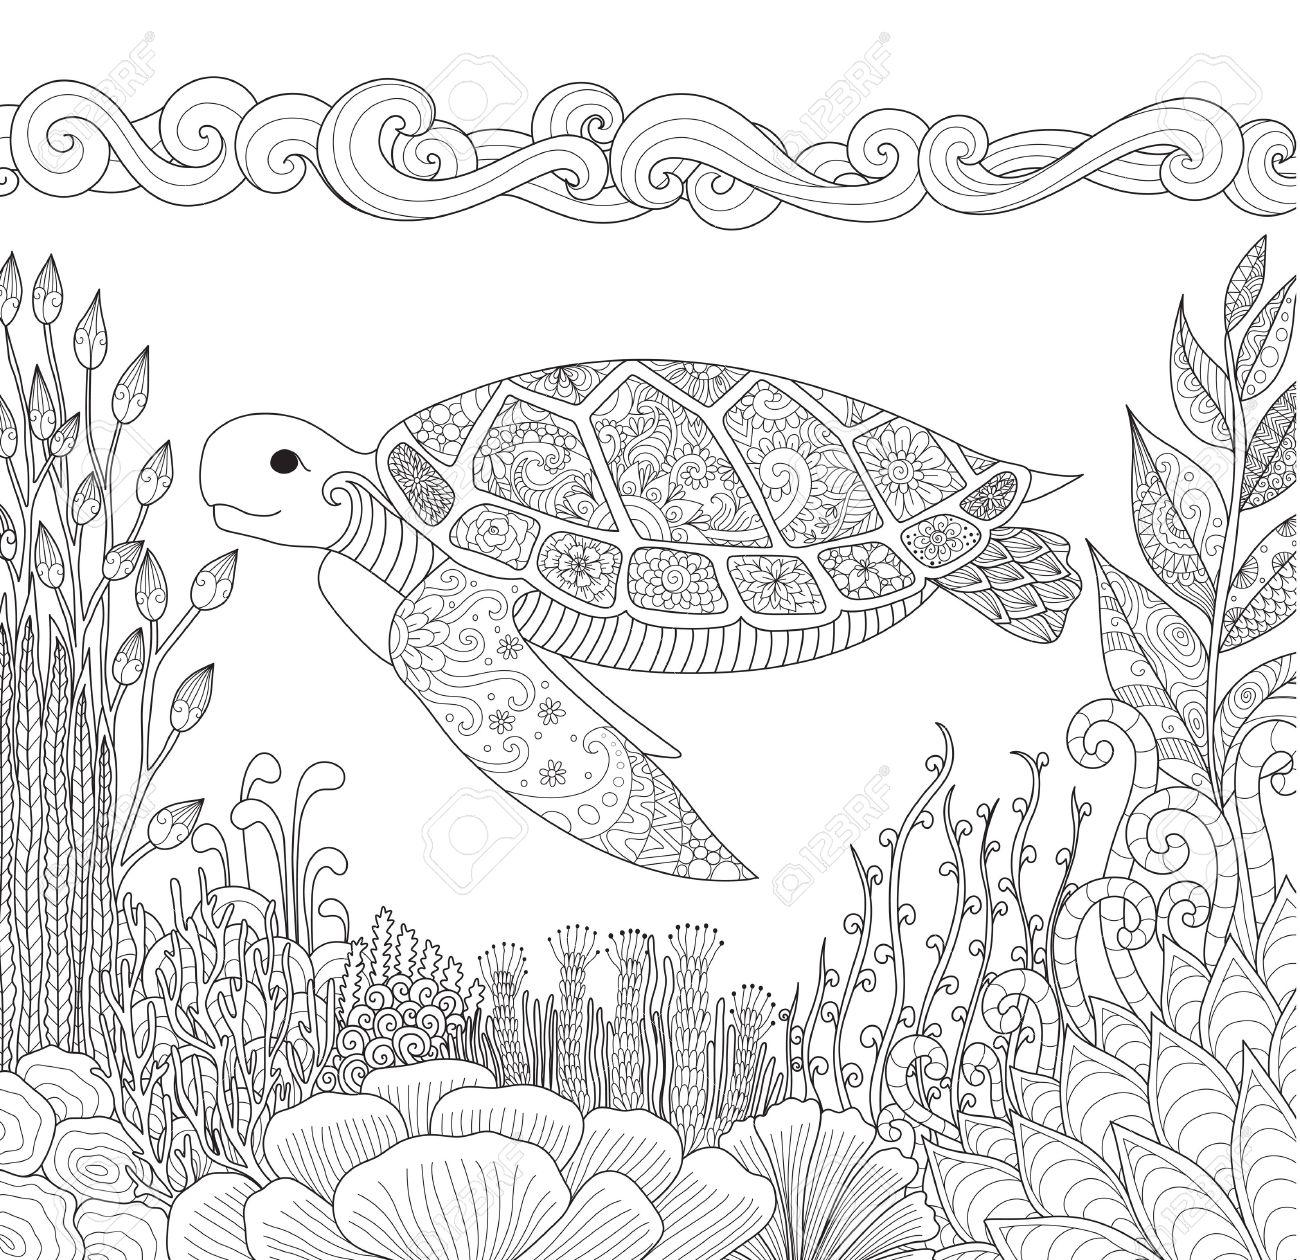 Zendoodle Diseño De Tortuga Nadando En El Océano Y Bellos Corales Para Colorear Para Los Adultos Anti Estrés Imagen Vectorial